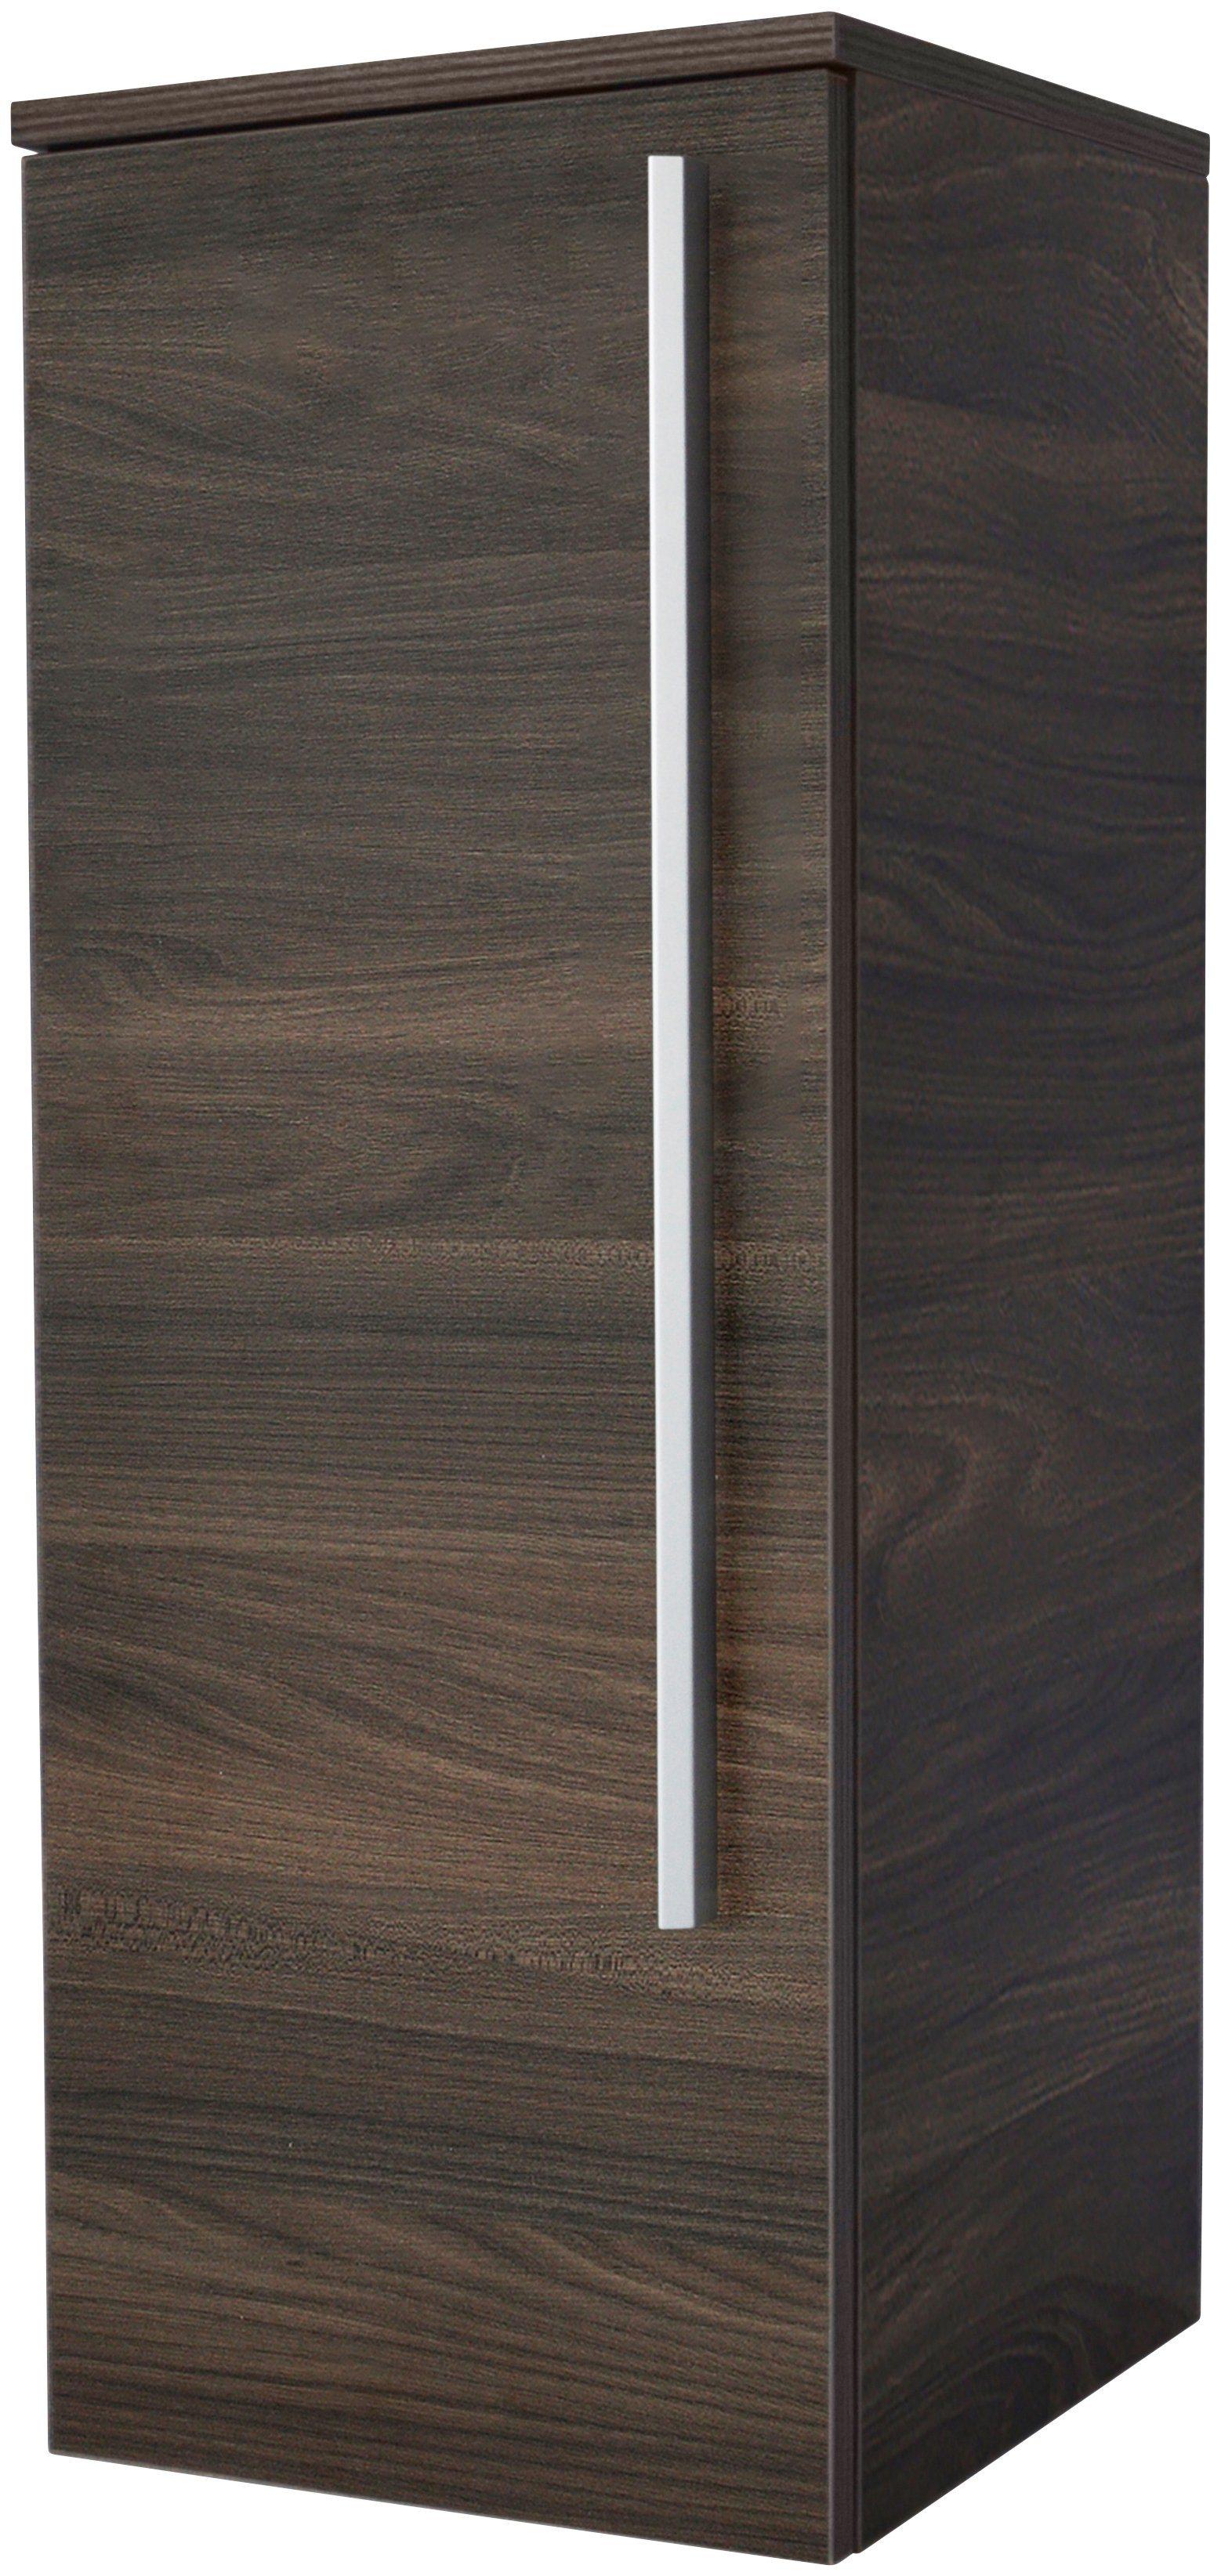 FACKELMANN Badhängeschrank »Yega links«, Breite 30,5 cm   Bad > Badmöbel > Hängeschränke fürs Bad   Spanplatte   FACKELMANN